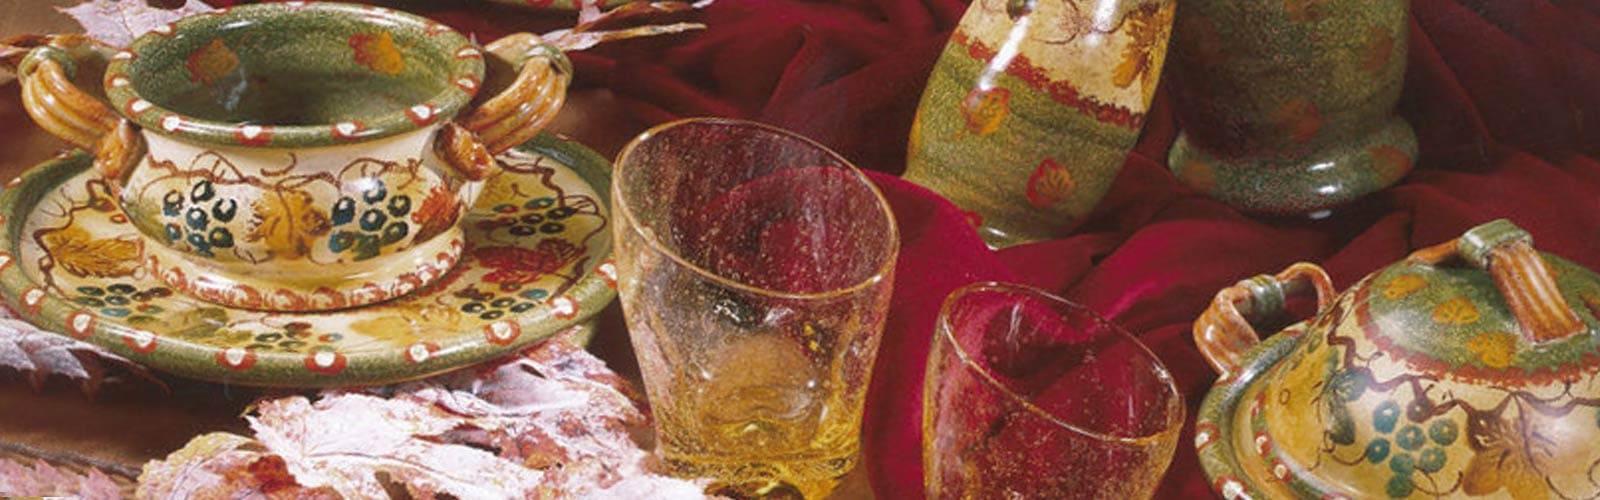 Modigliani ceramica Terre di Chianti decorata a mano